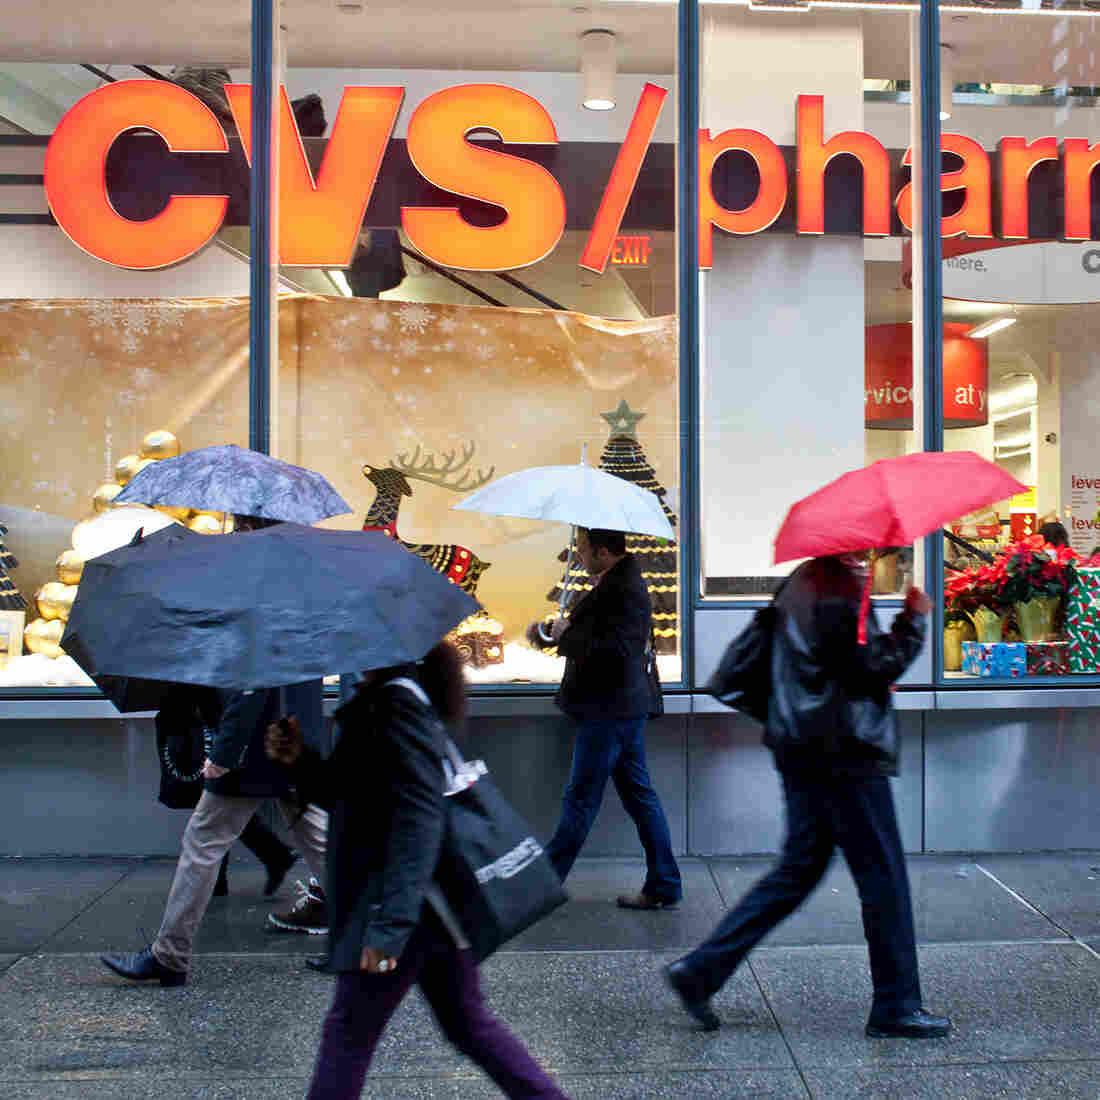 A CVS store on Eighth Avenue in Manhattan, N.Y.